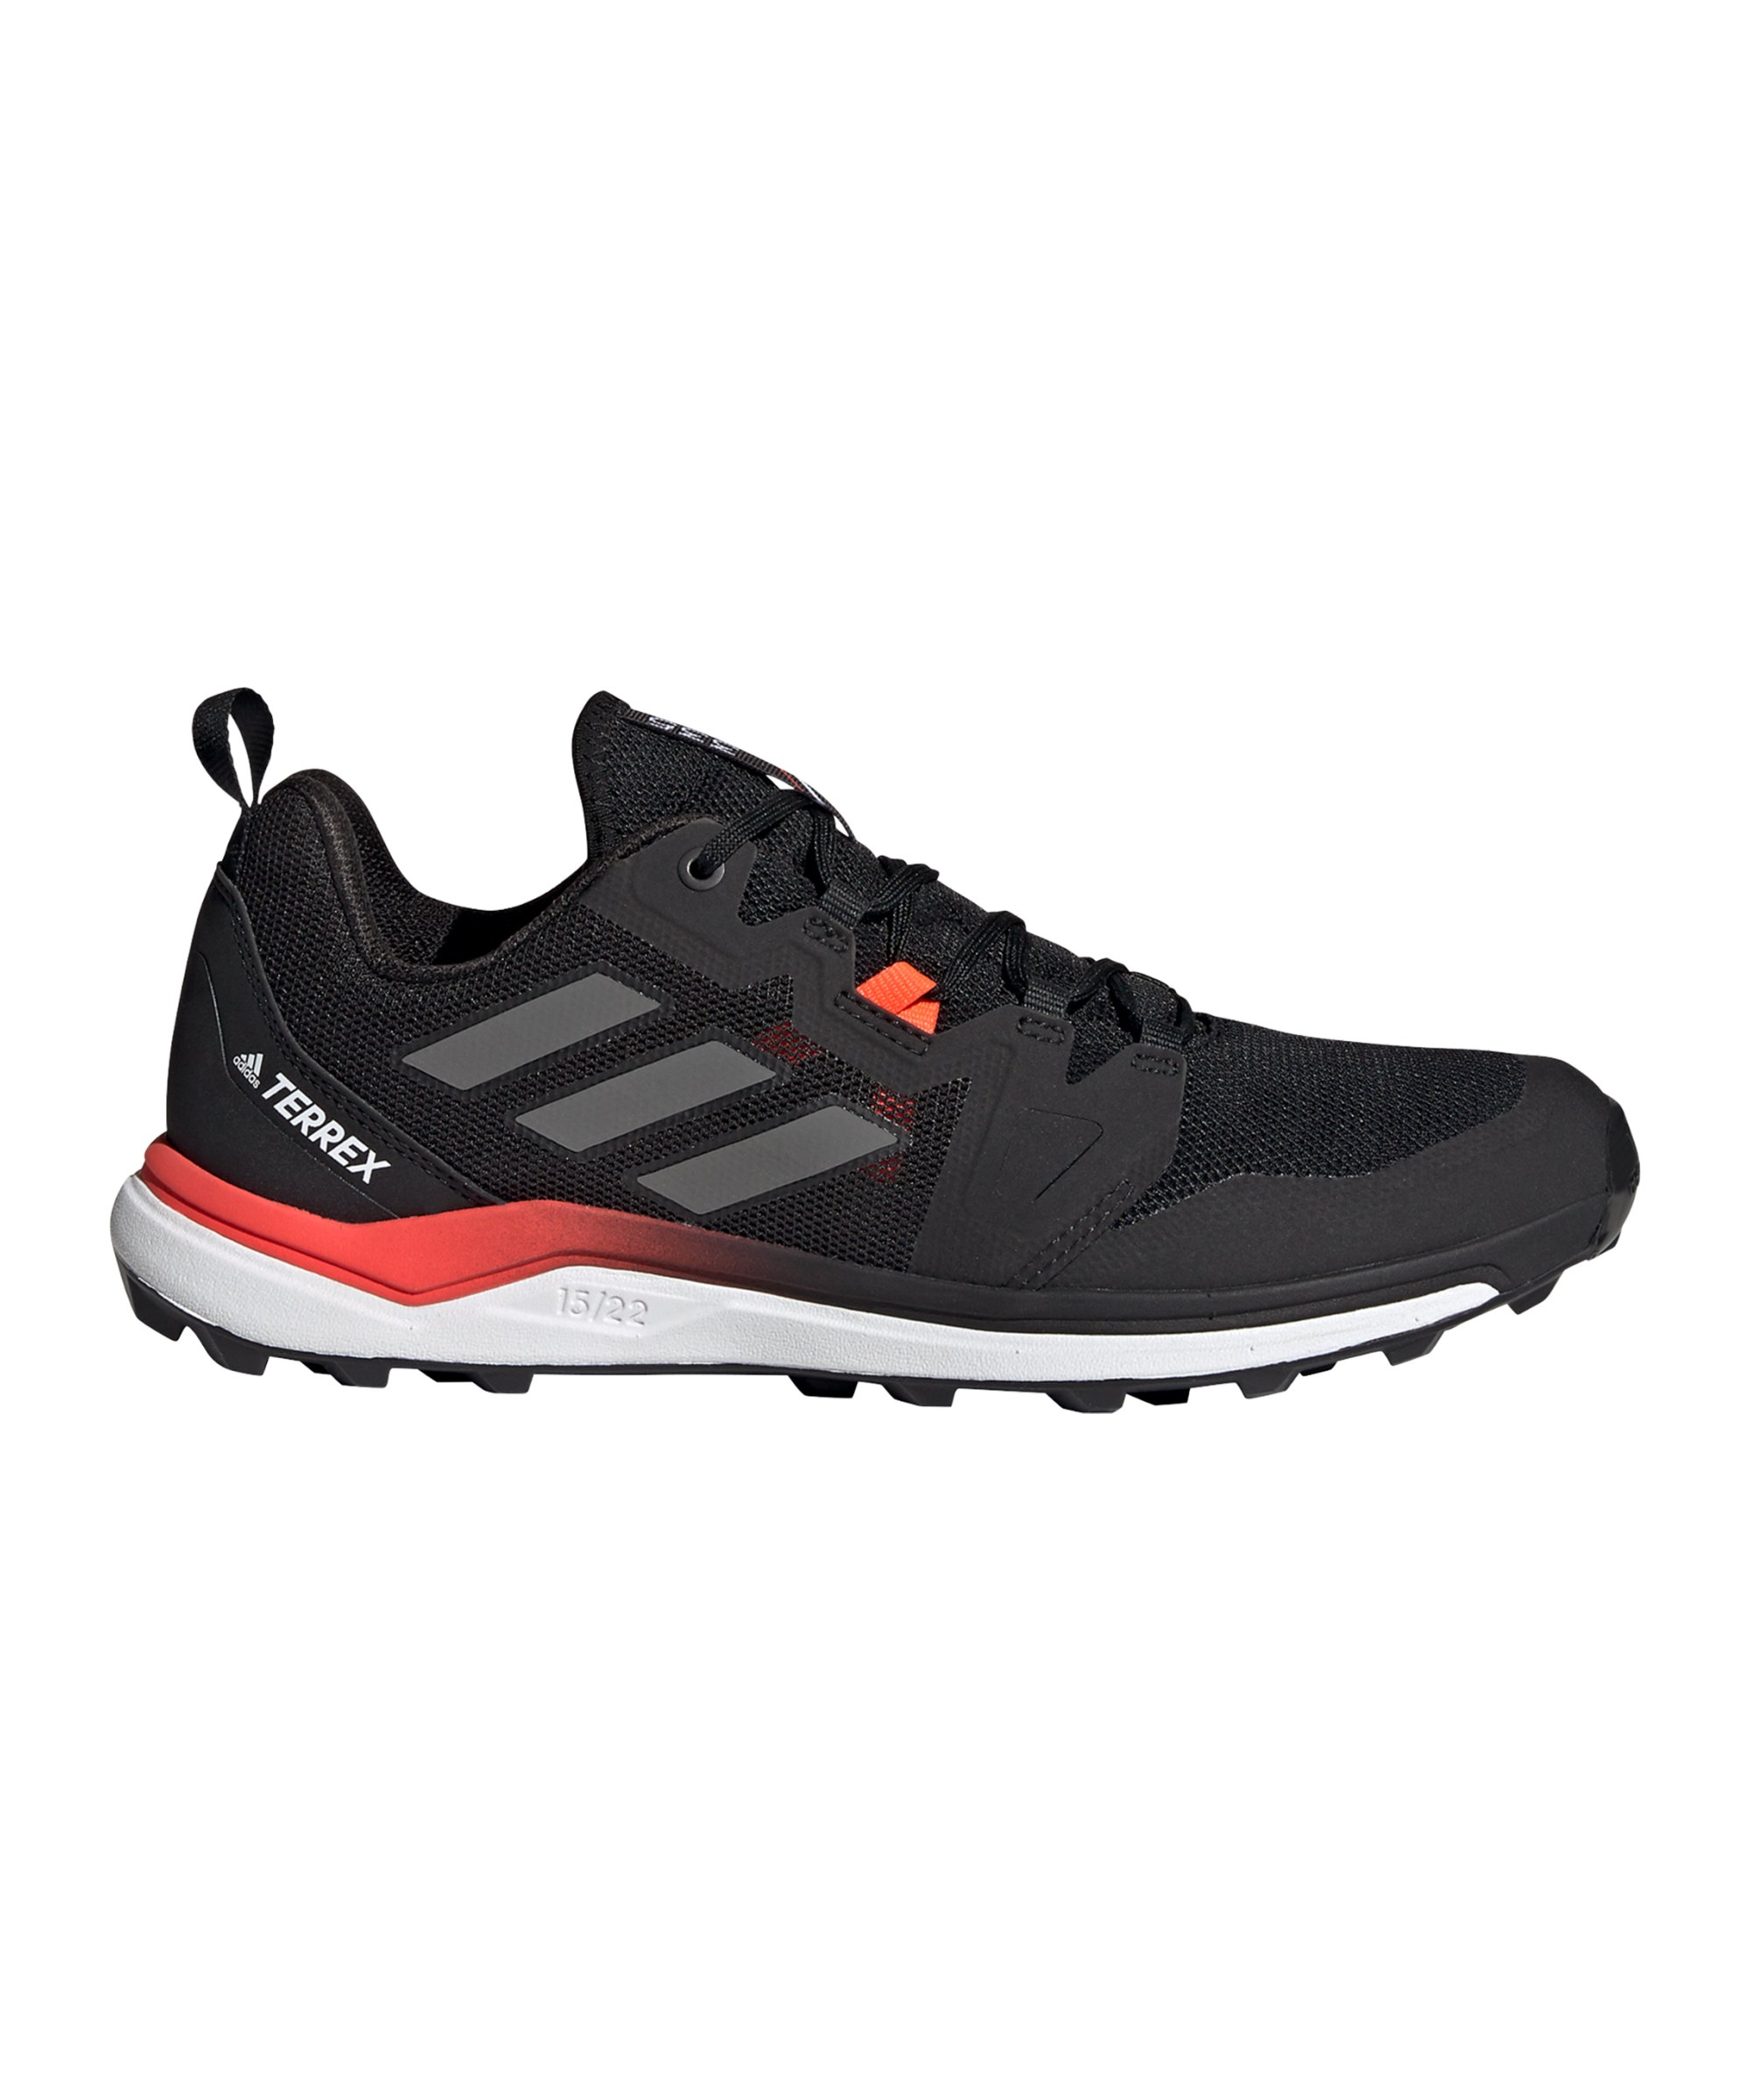 adidas Terrex Agravic GTX Running Schwarz Rot - schwarz